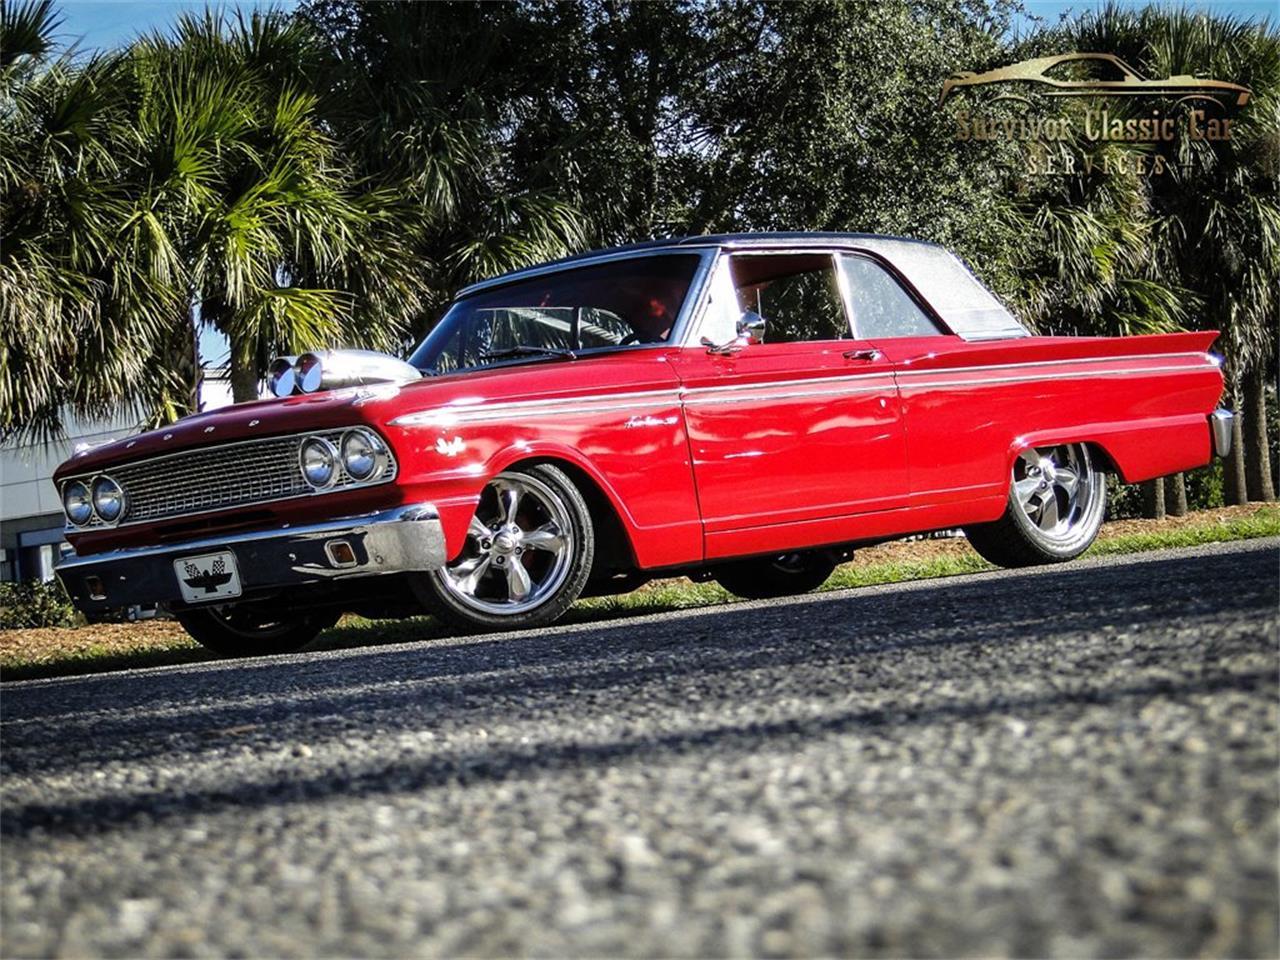 For Sale: 1963 Ford Fairlane 500 in Palmetto, Florida